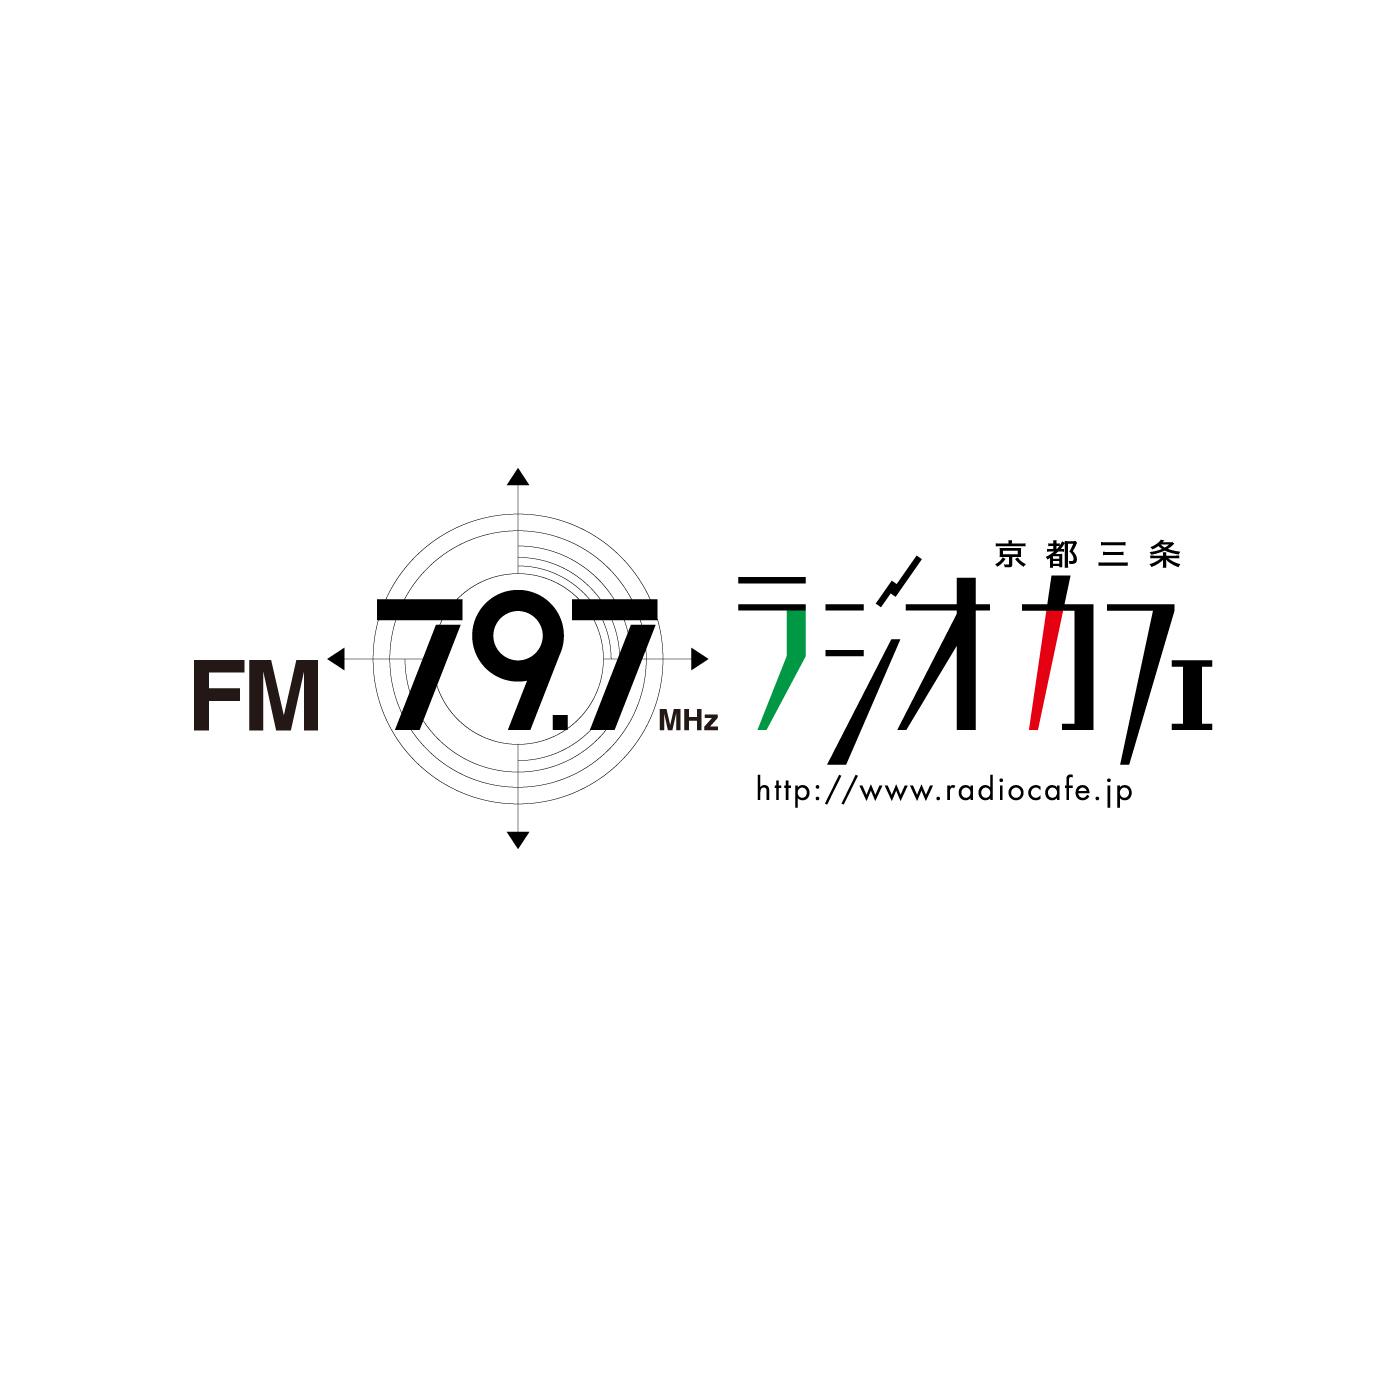 京都三条ラジオカフェ FM79.7MHz(京都市中京区)